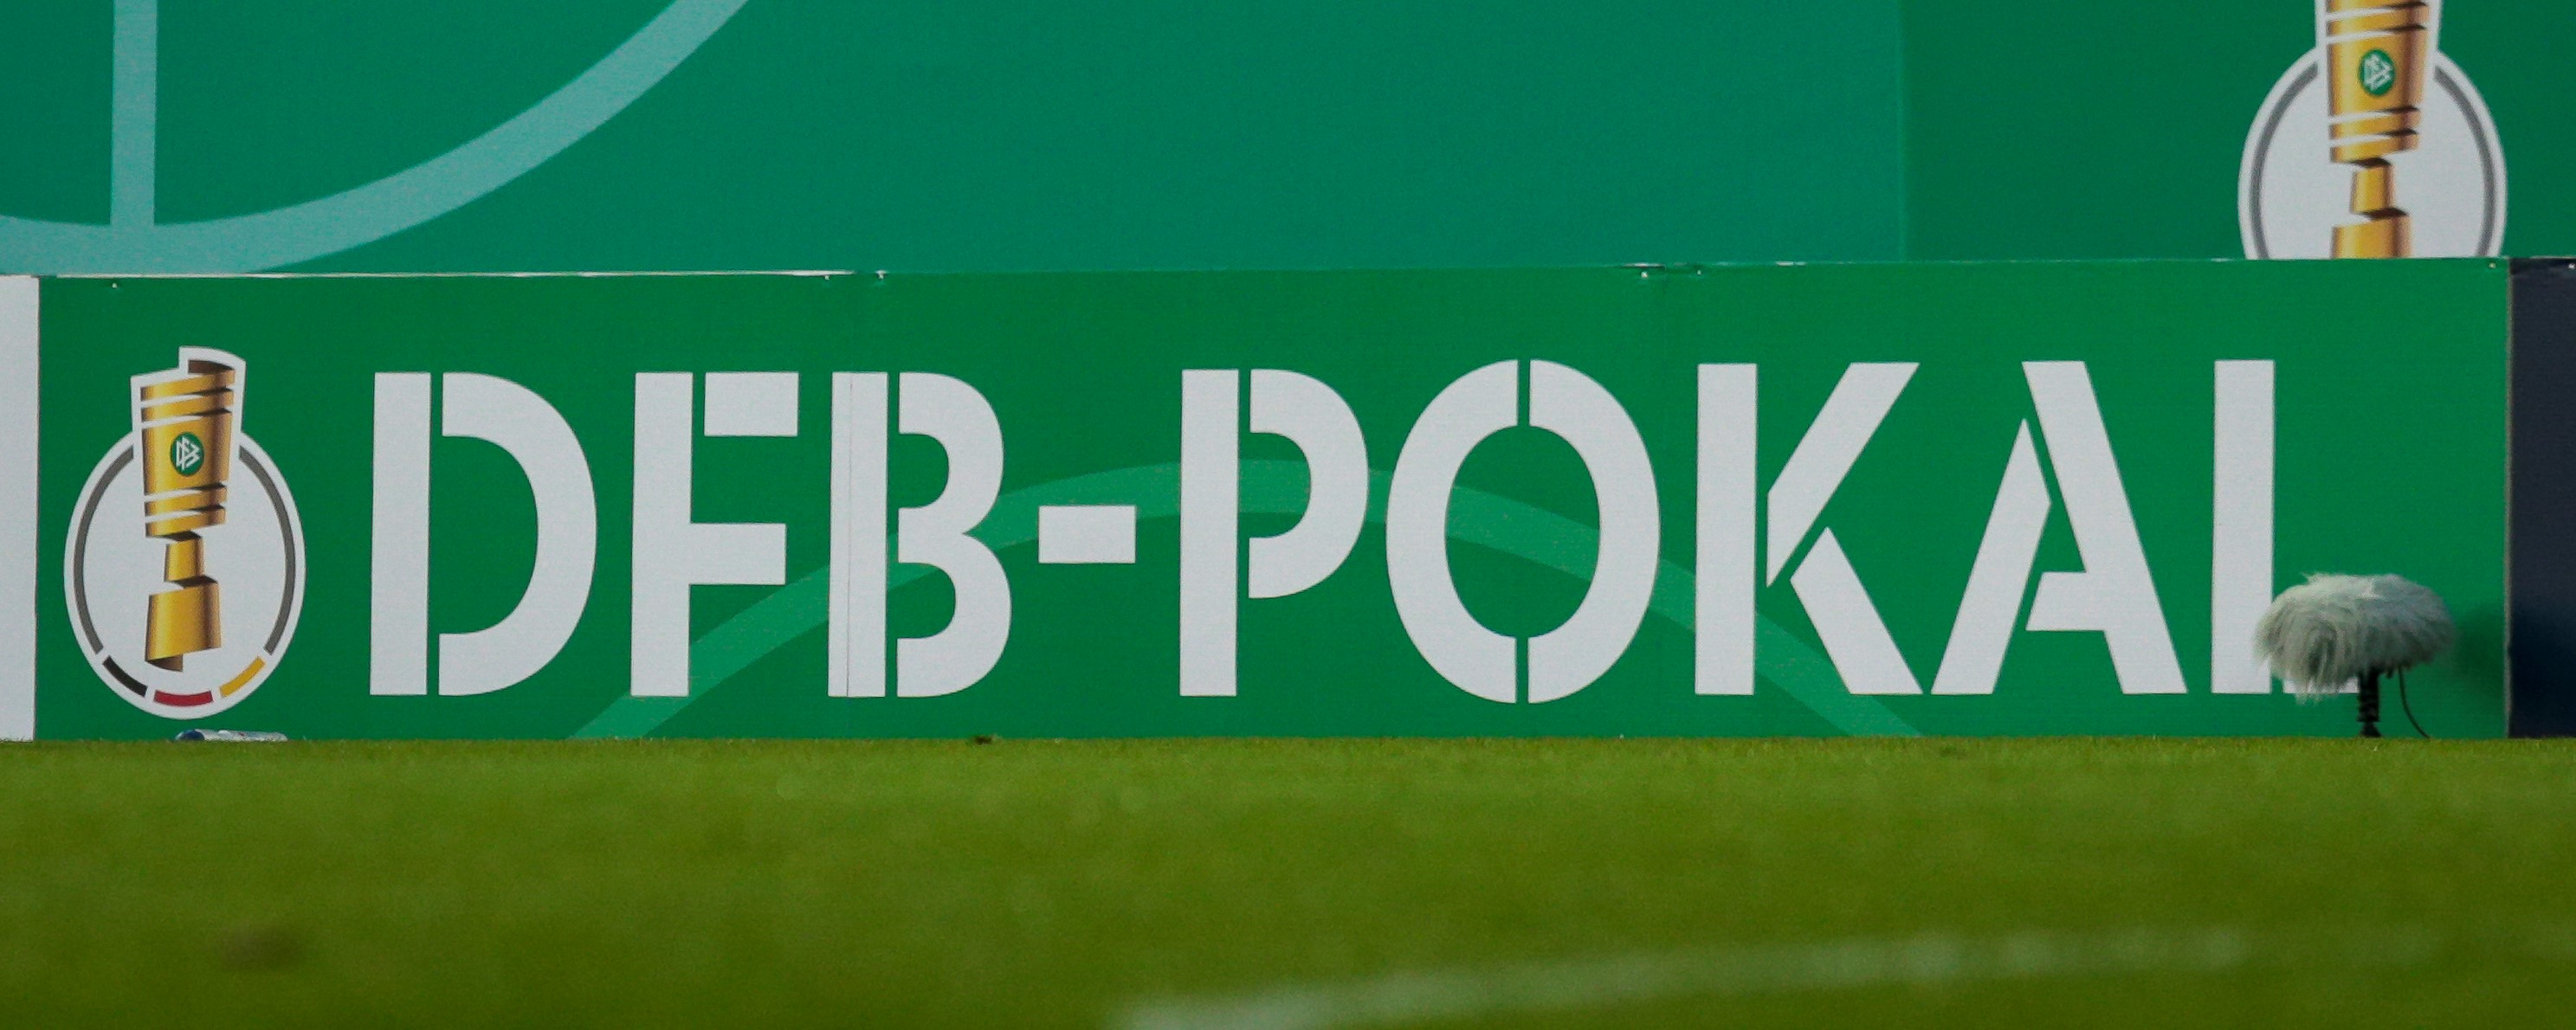 RWE empfängt den Erstligisten Bayer Leverkusen zum DFB-Pokal-Achtelfinale am 2. Februar um 18.30 Uhr.